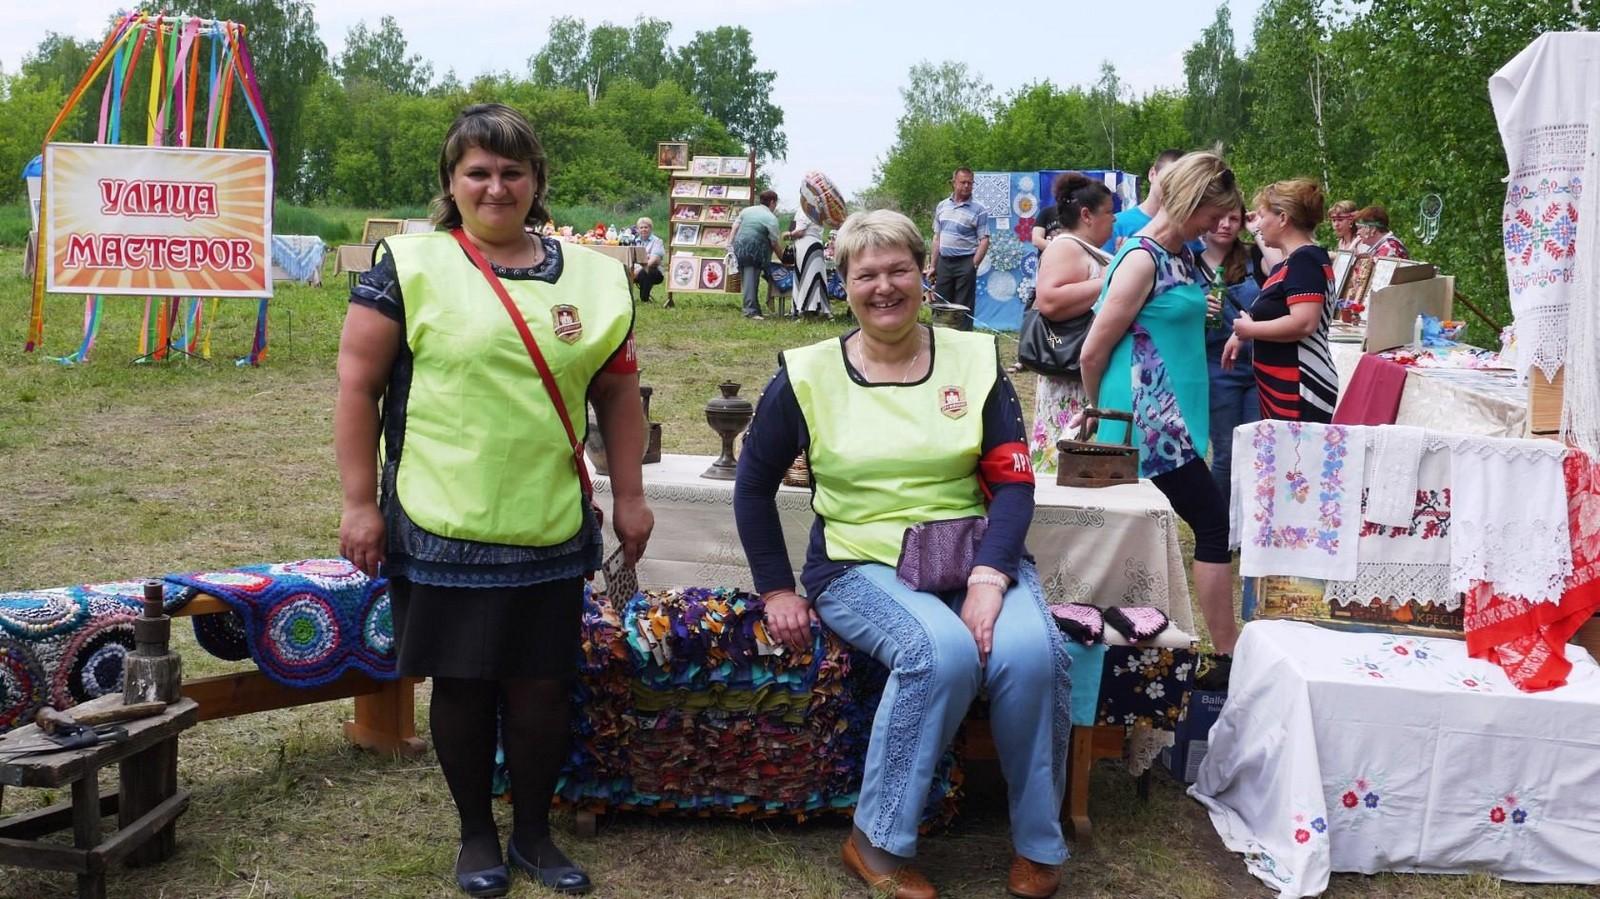 Sabantuy-2016-yarmarka-umel'tsev-562-Bastanovo